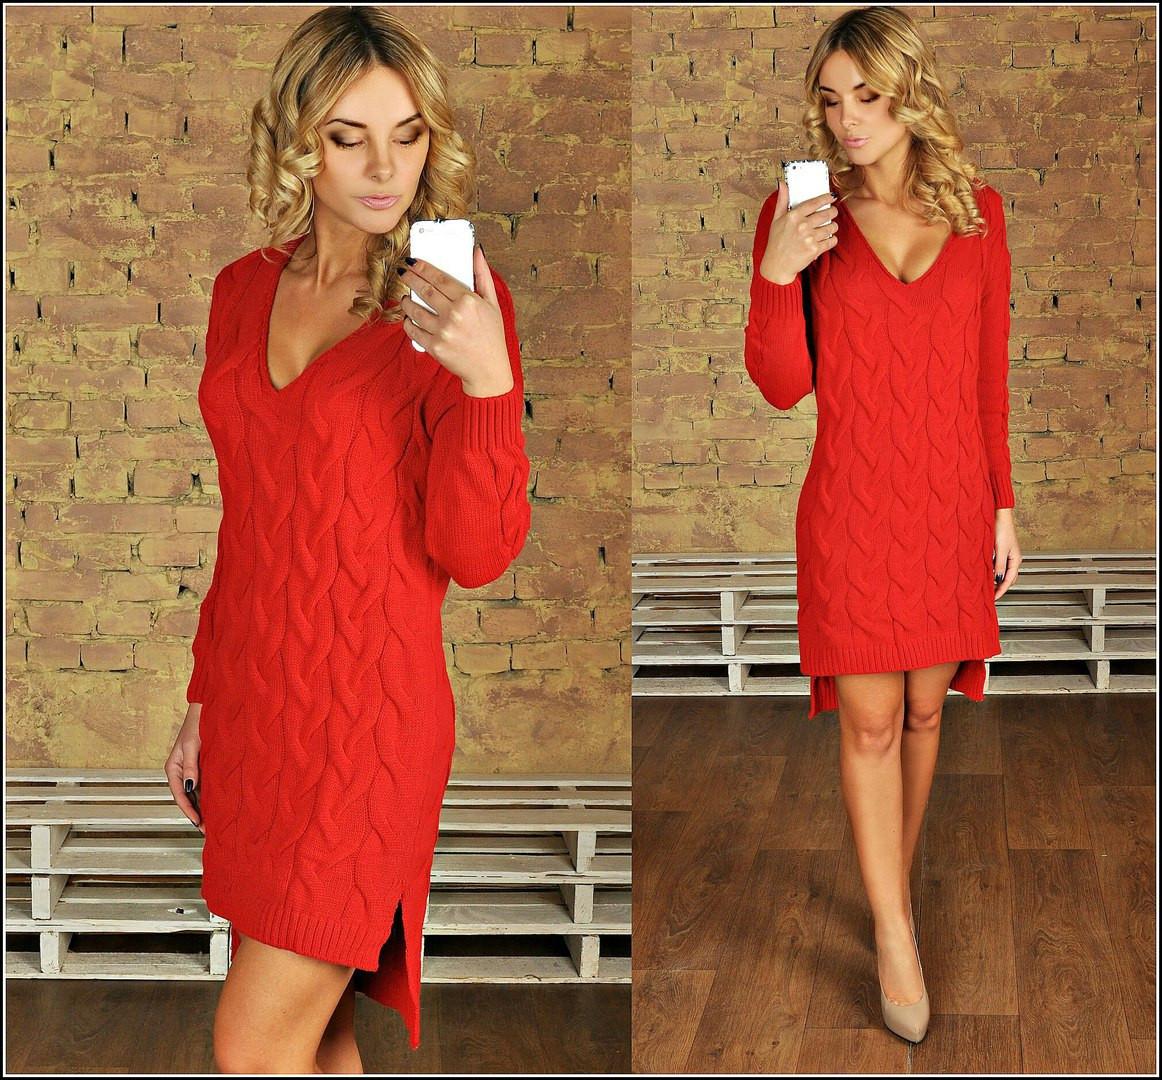 c77c9ccf746 Вязаное короткое платье с глубоким вырезом декольте